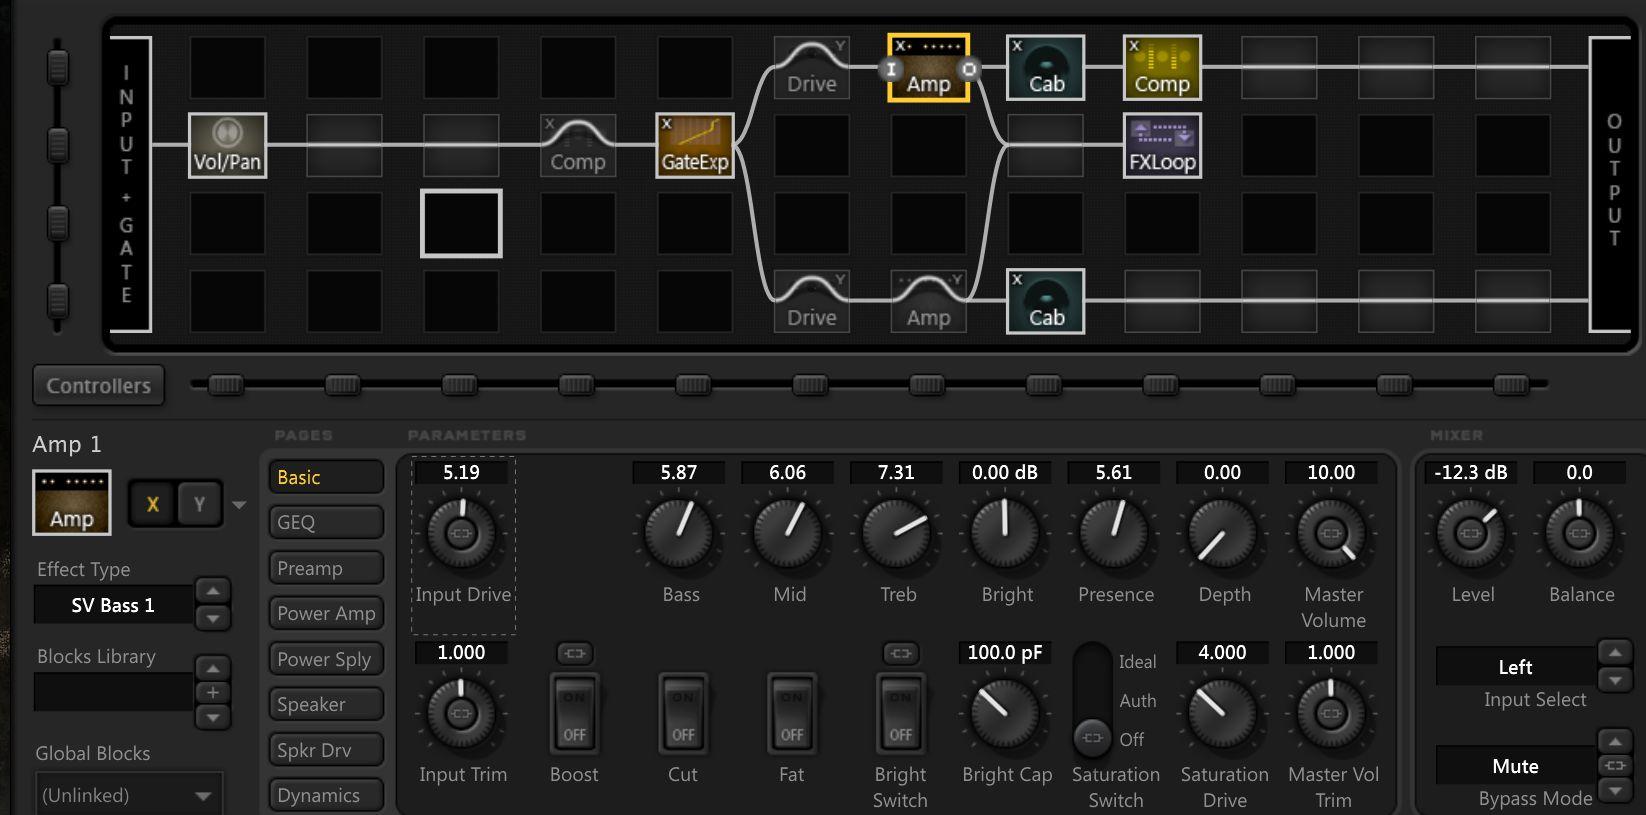 Direct Bass : Think I have a tone I like-svbass1-jpg